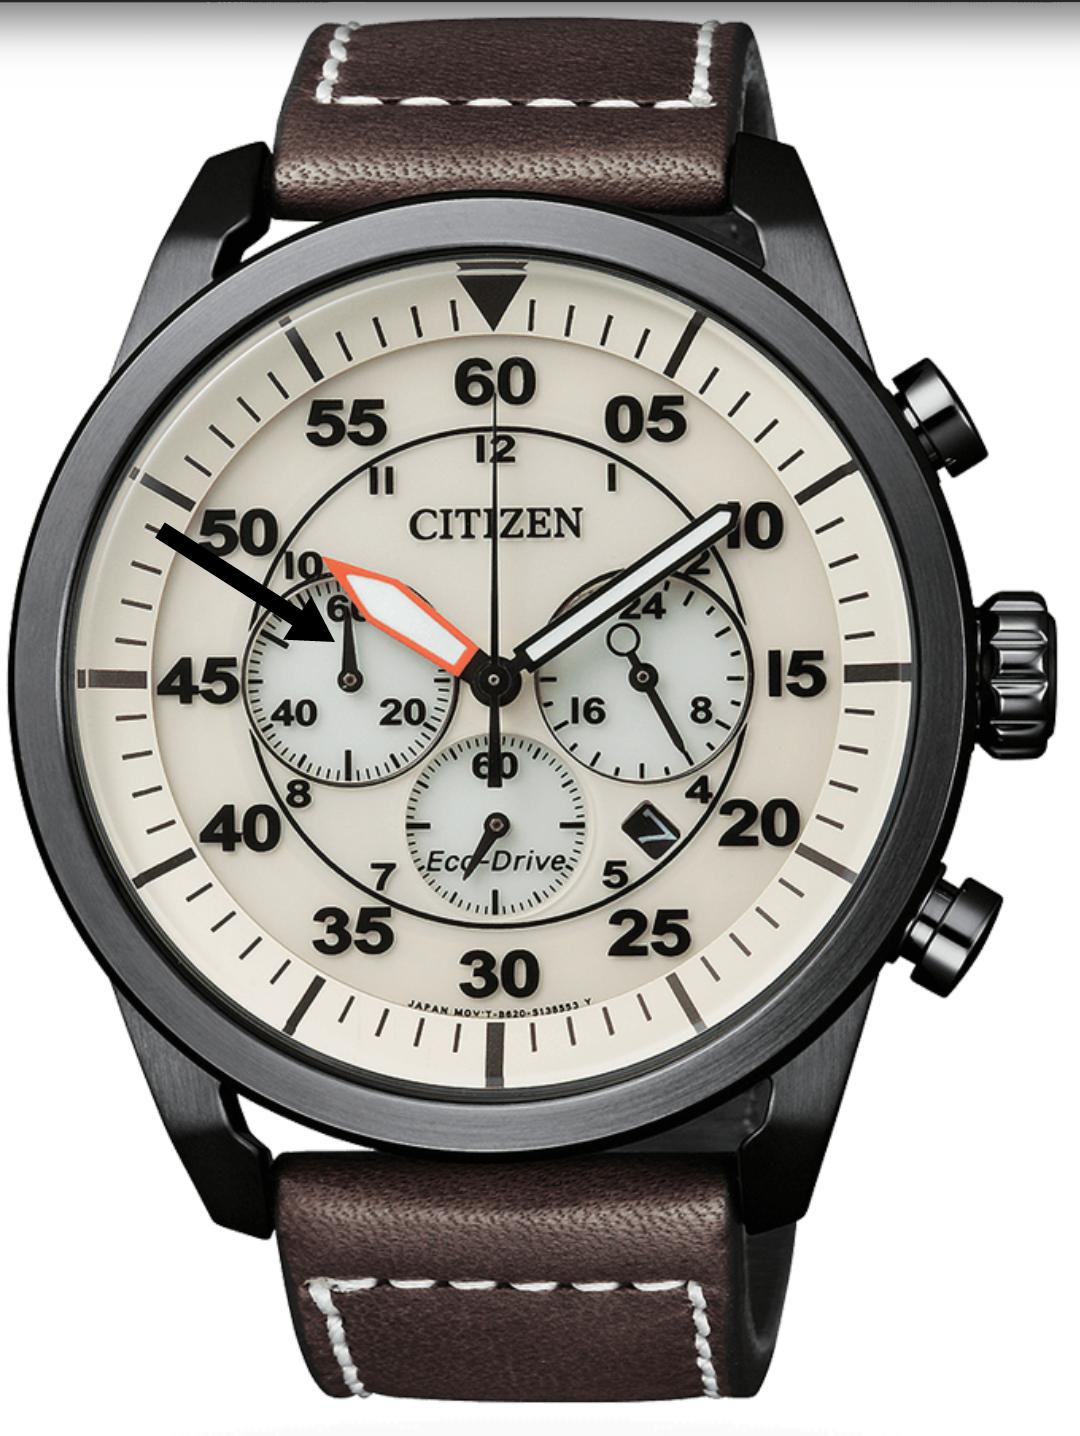 citizen eco drive aviator marcación 60 minutos